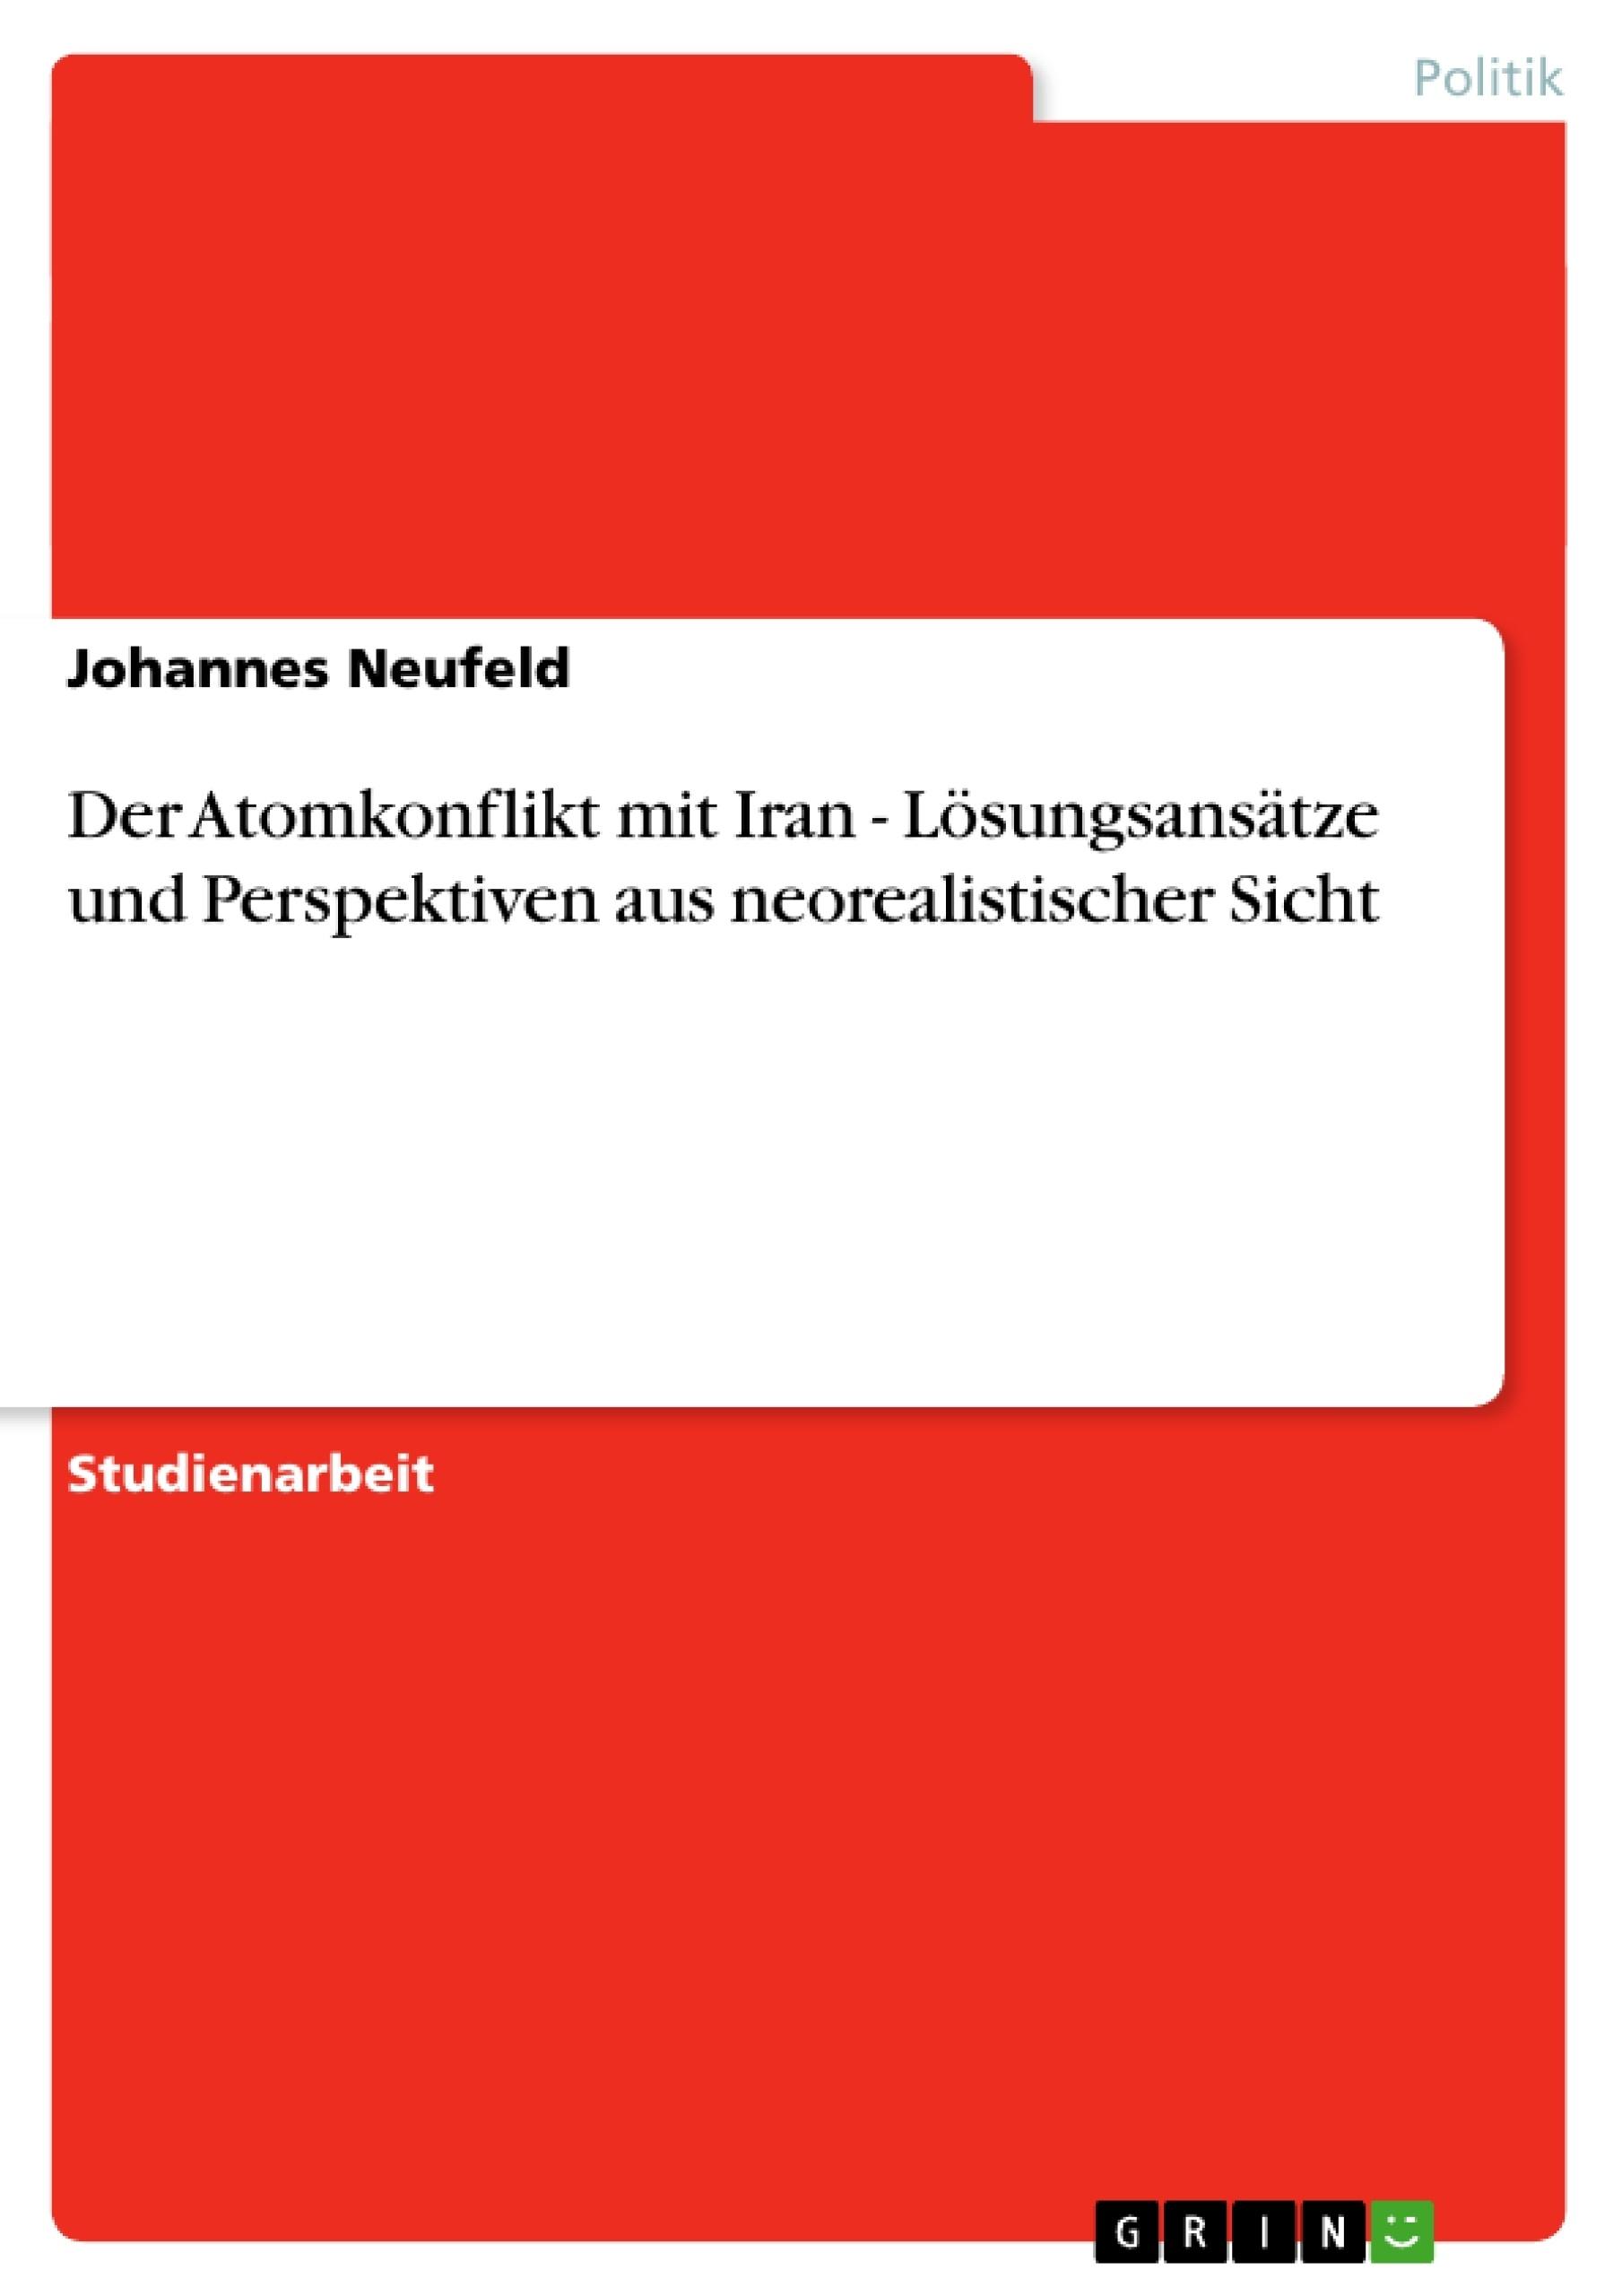 Titel: Der Atomkonflikt mit Iran - Lösungsansätze und Perspektiven aus neorealistischer Sicht